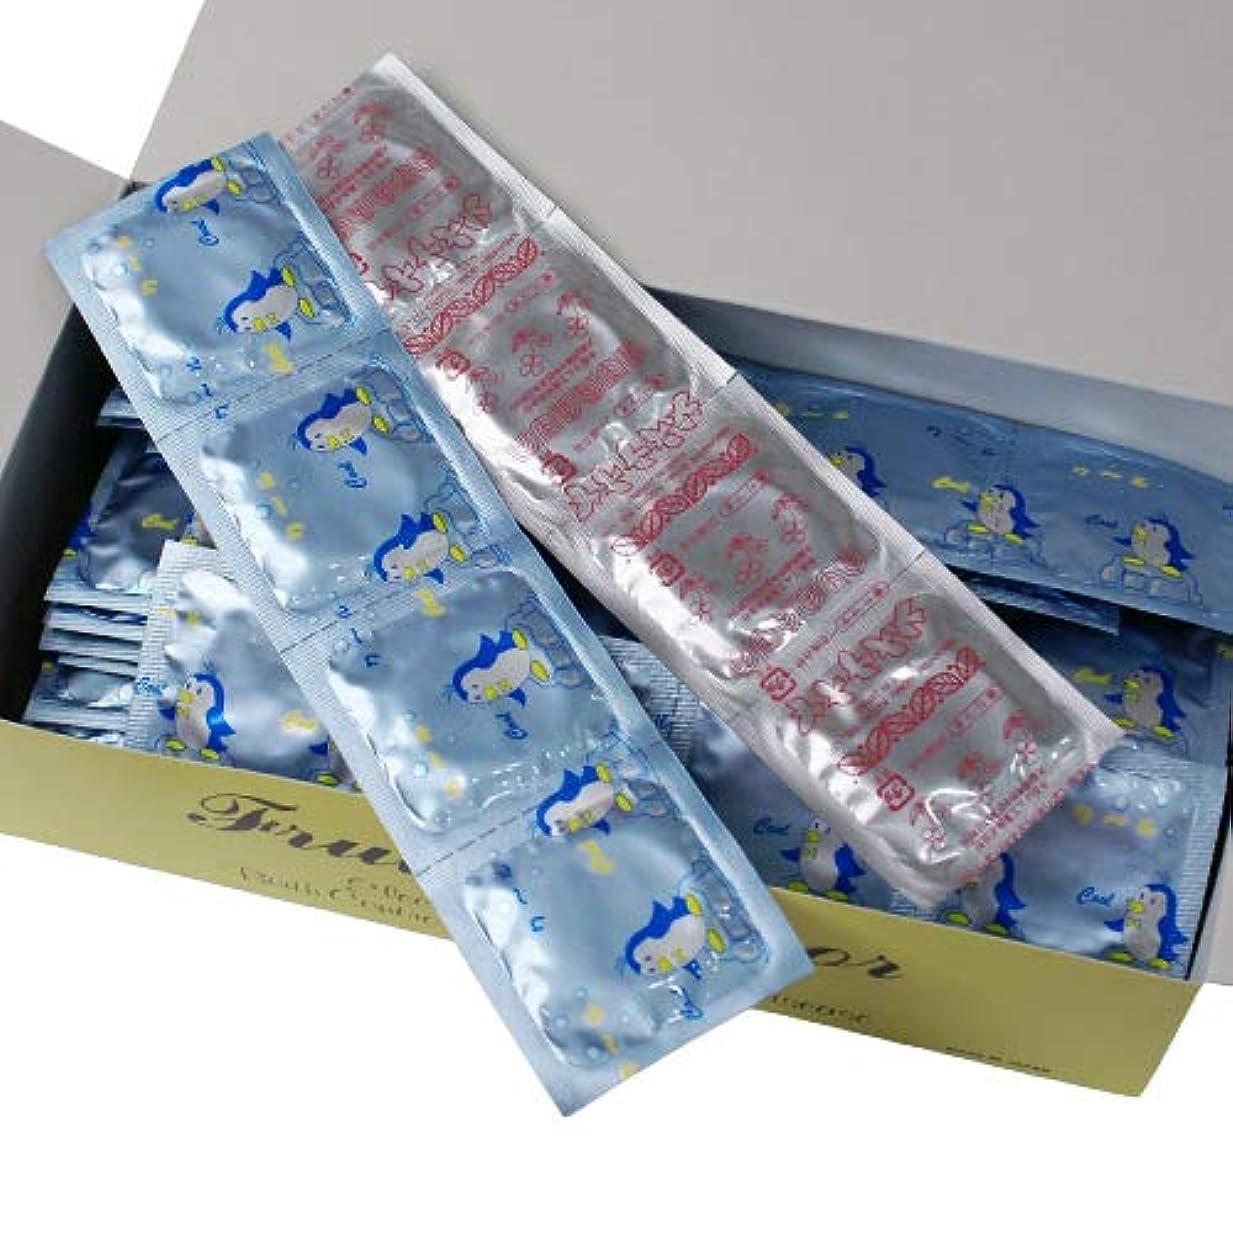 業務用コンドーム スーットクール Mサイズ 144個入│メントール配合スキン ミントの香り 大容量コンドーム144枚入り 激安 お買い得 お徳用 避妊具